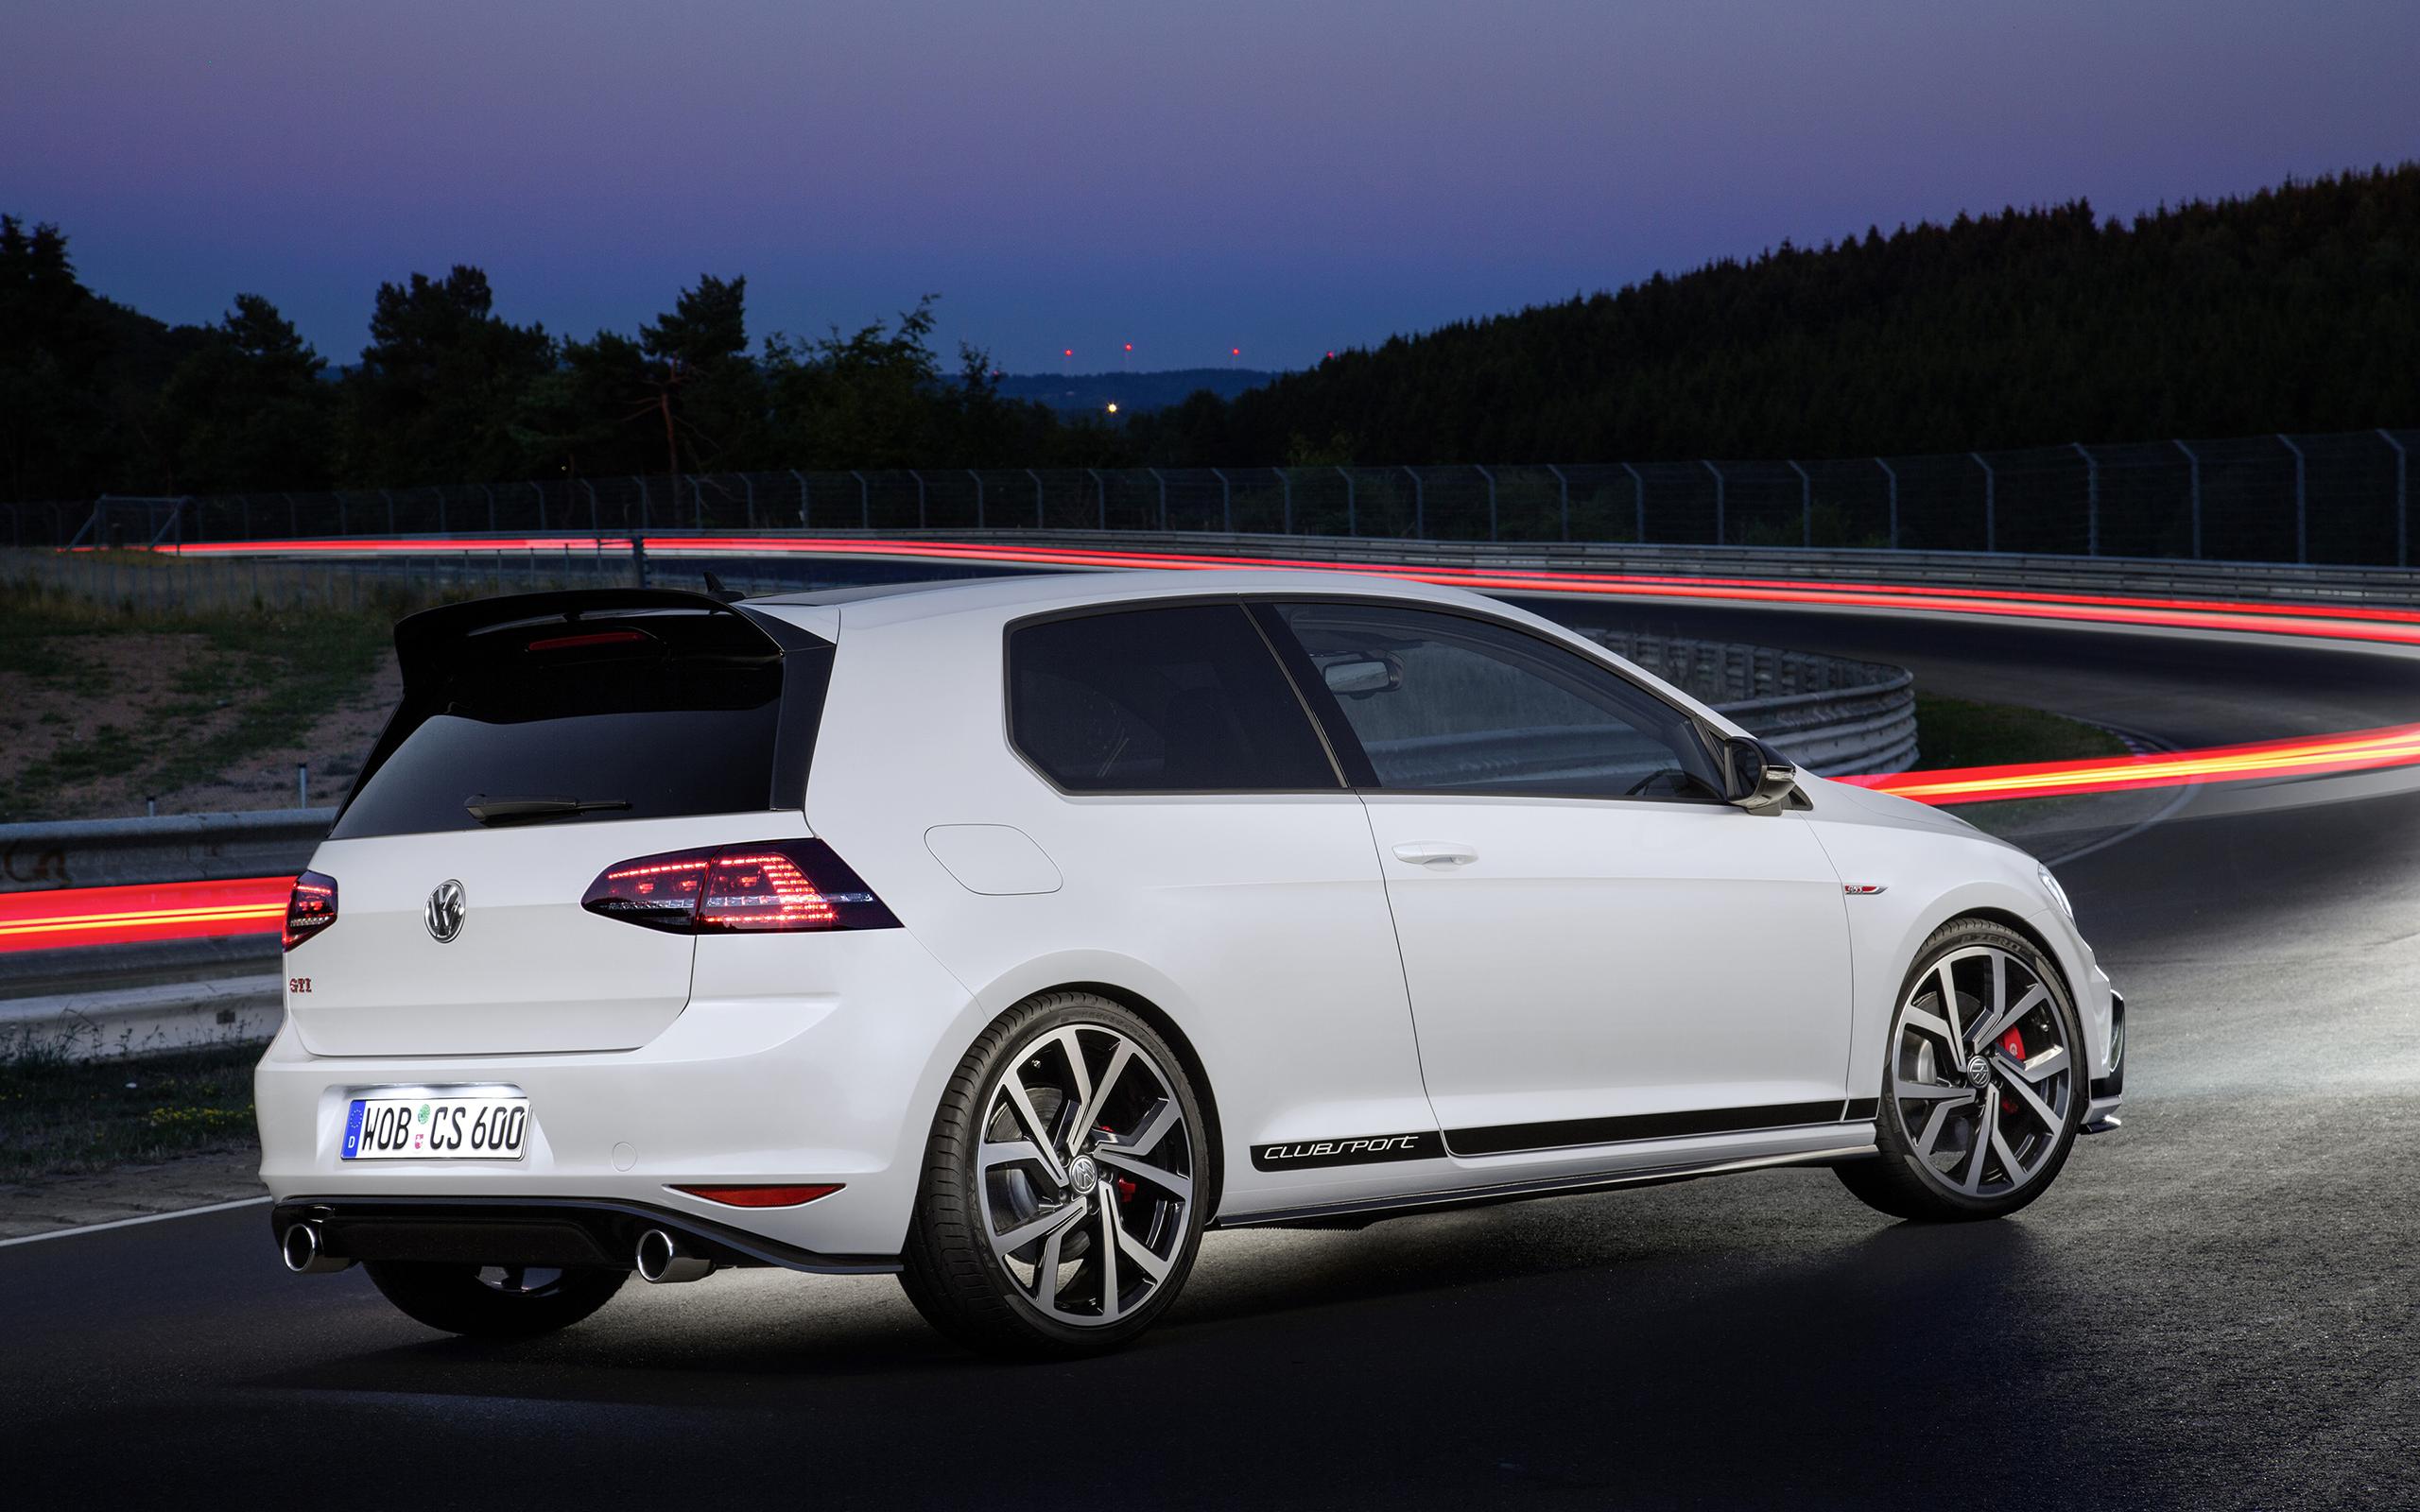 Wallpaper Long Exposure Race Tracks Volkswagen Golf